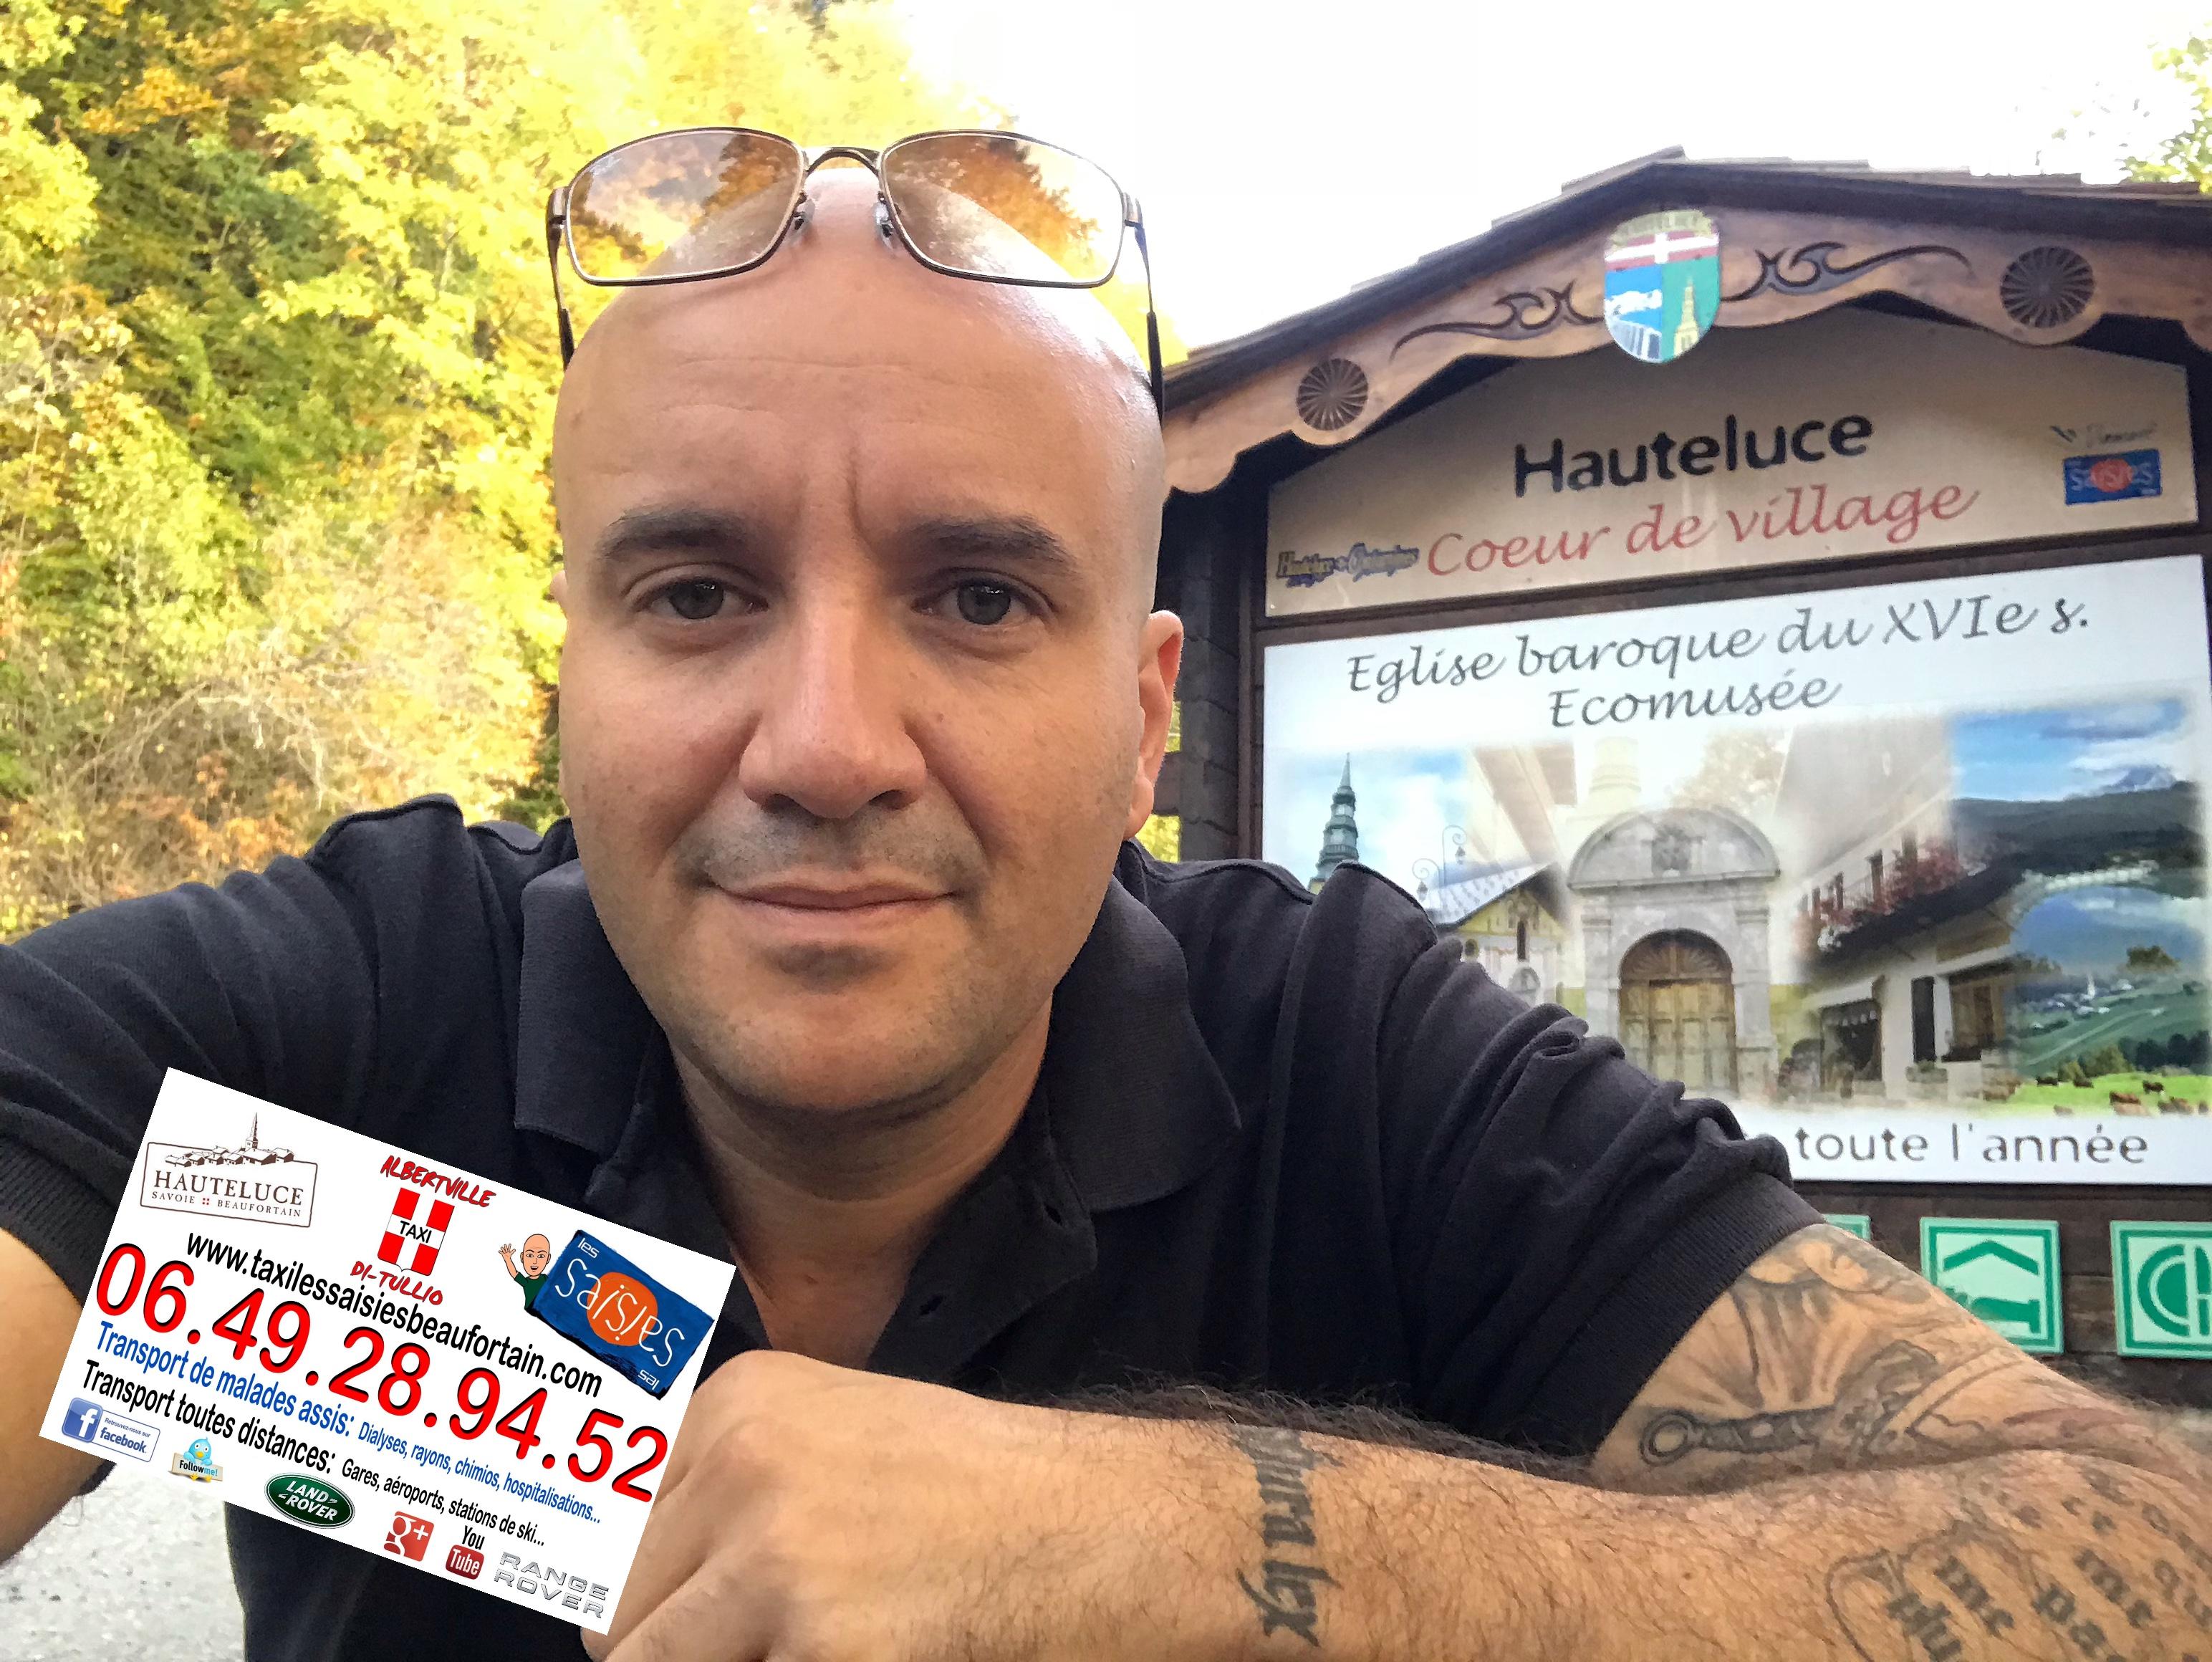 Taxi Hauteluce Les Saisies Di Tullio